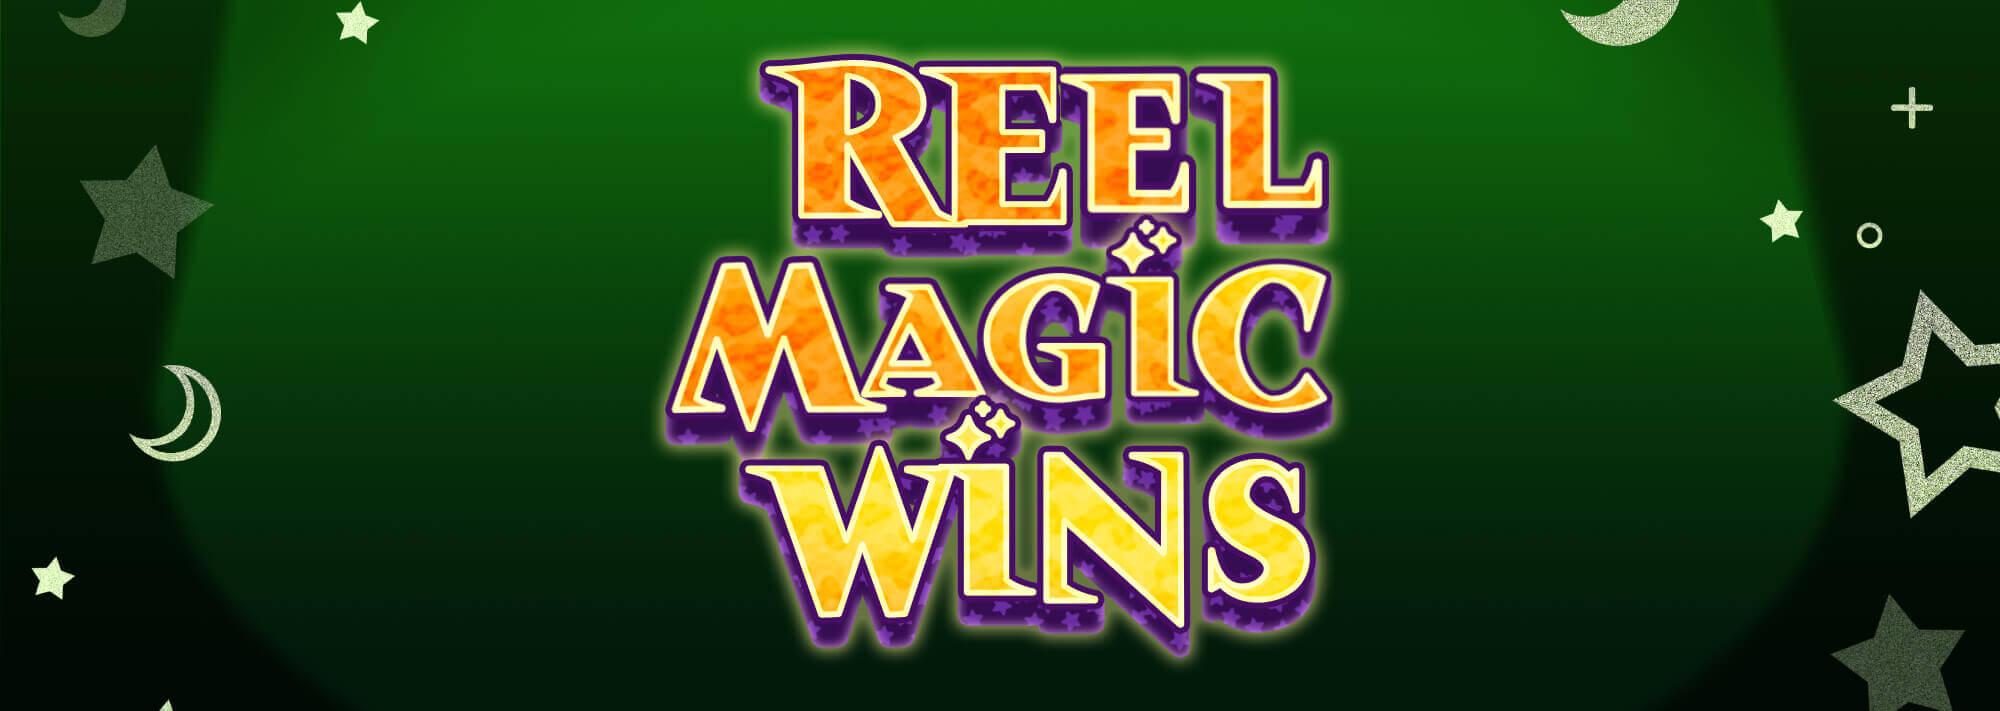 NEW GAME ALERT: Reel Magic Wins!